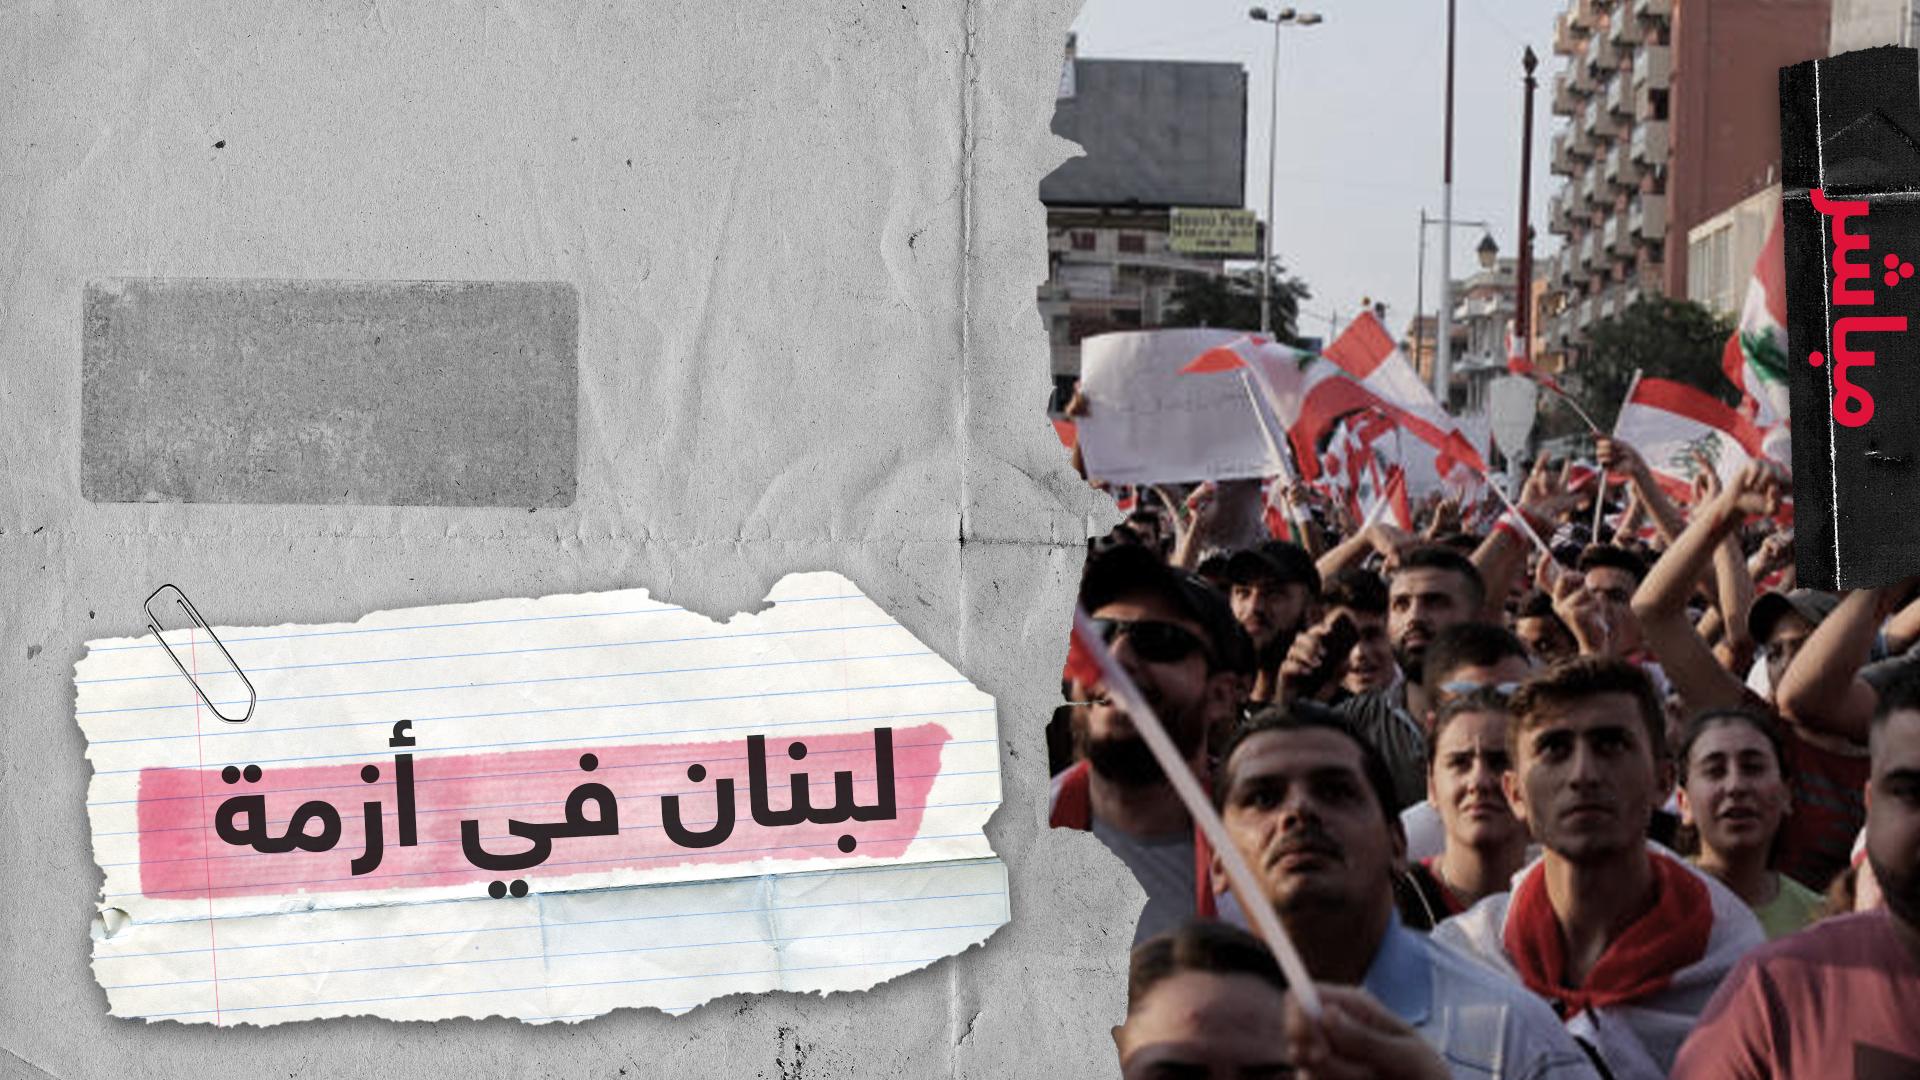 أزمة اقتصادية خانقة في لبنان والمواطن أكثر المتضررين منها